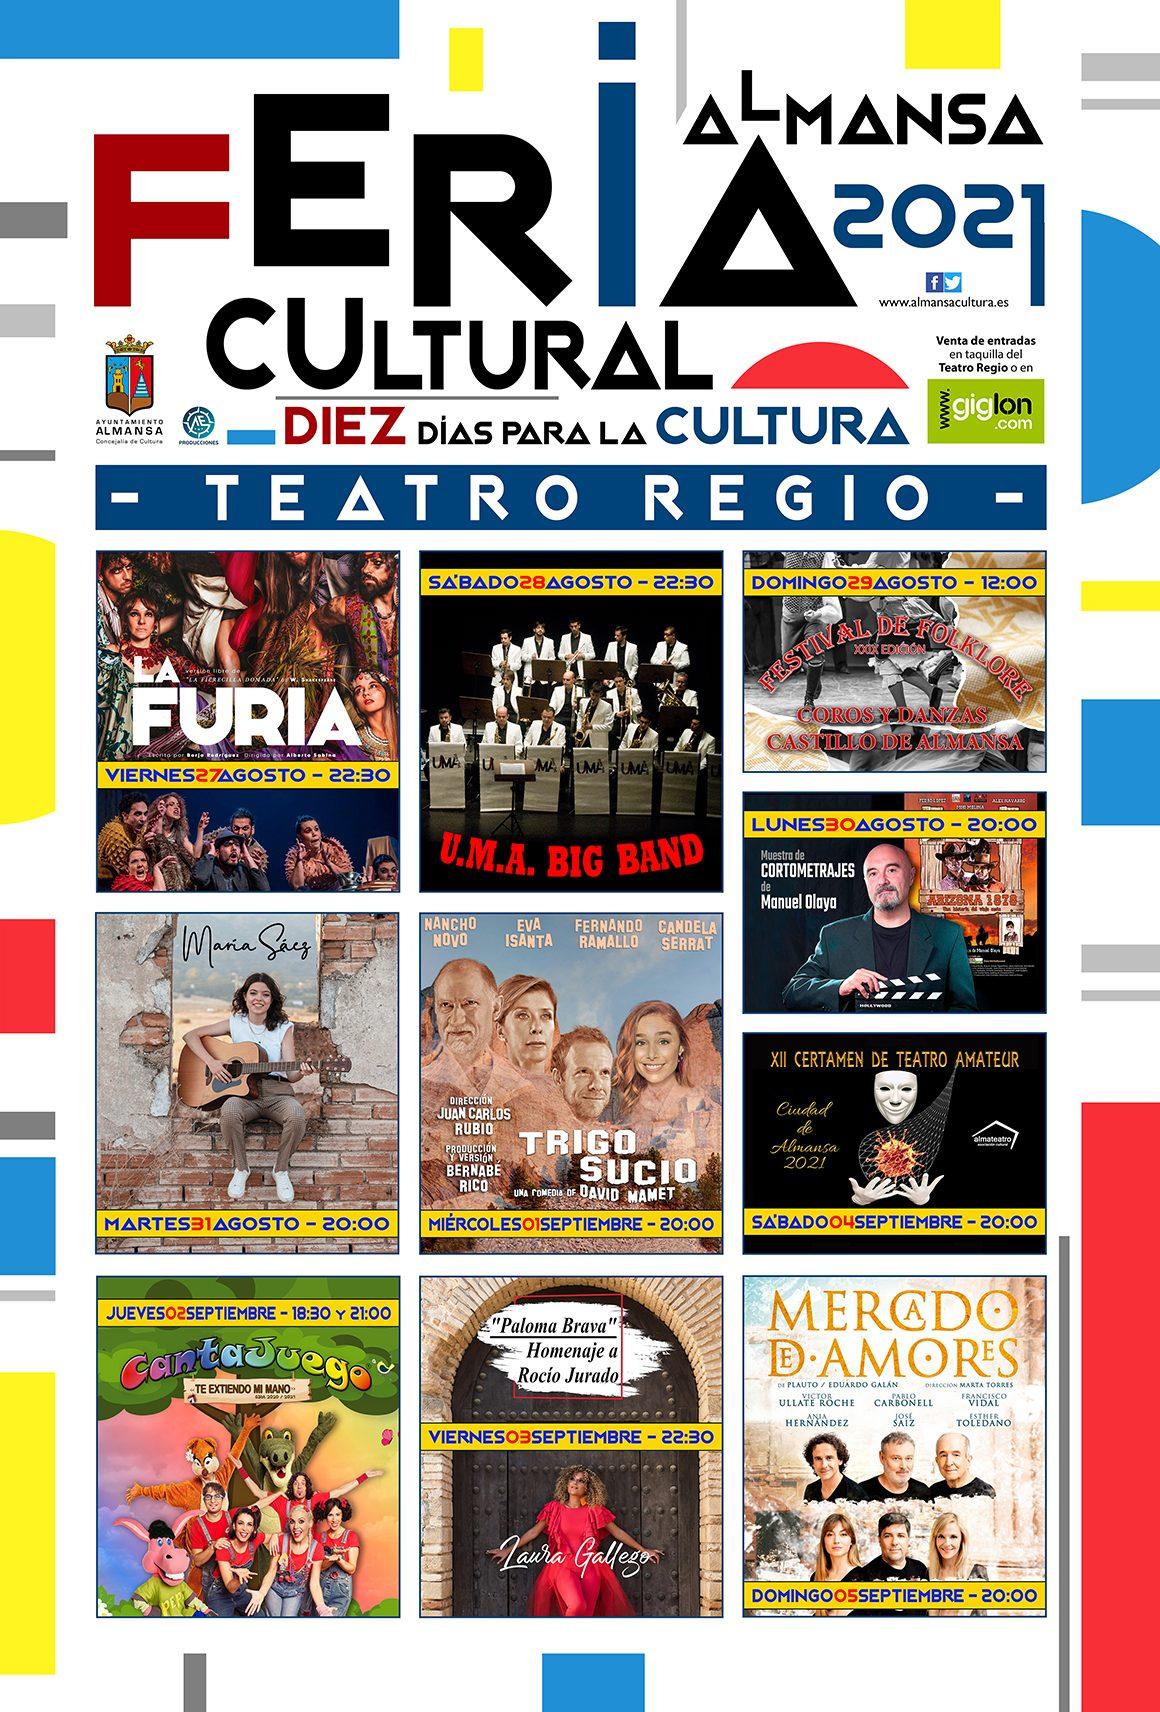 teatro-regio-feria-de-almansa-turistica